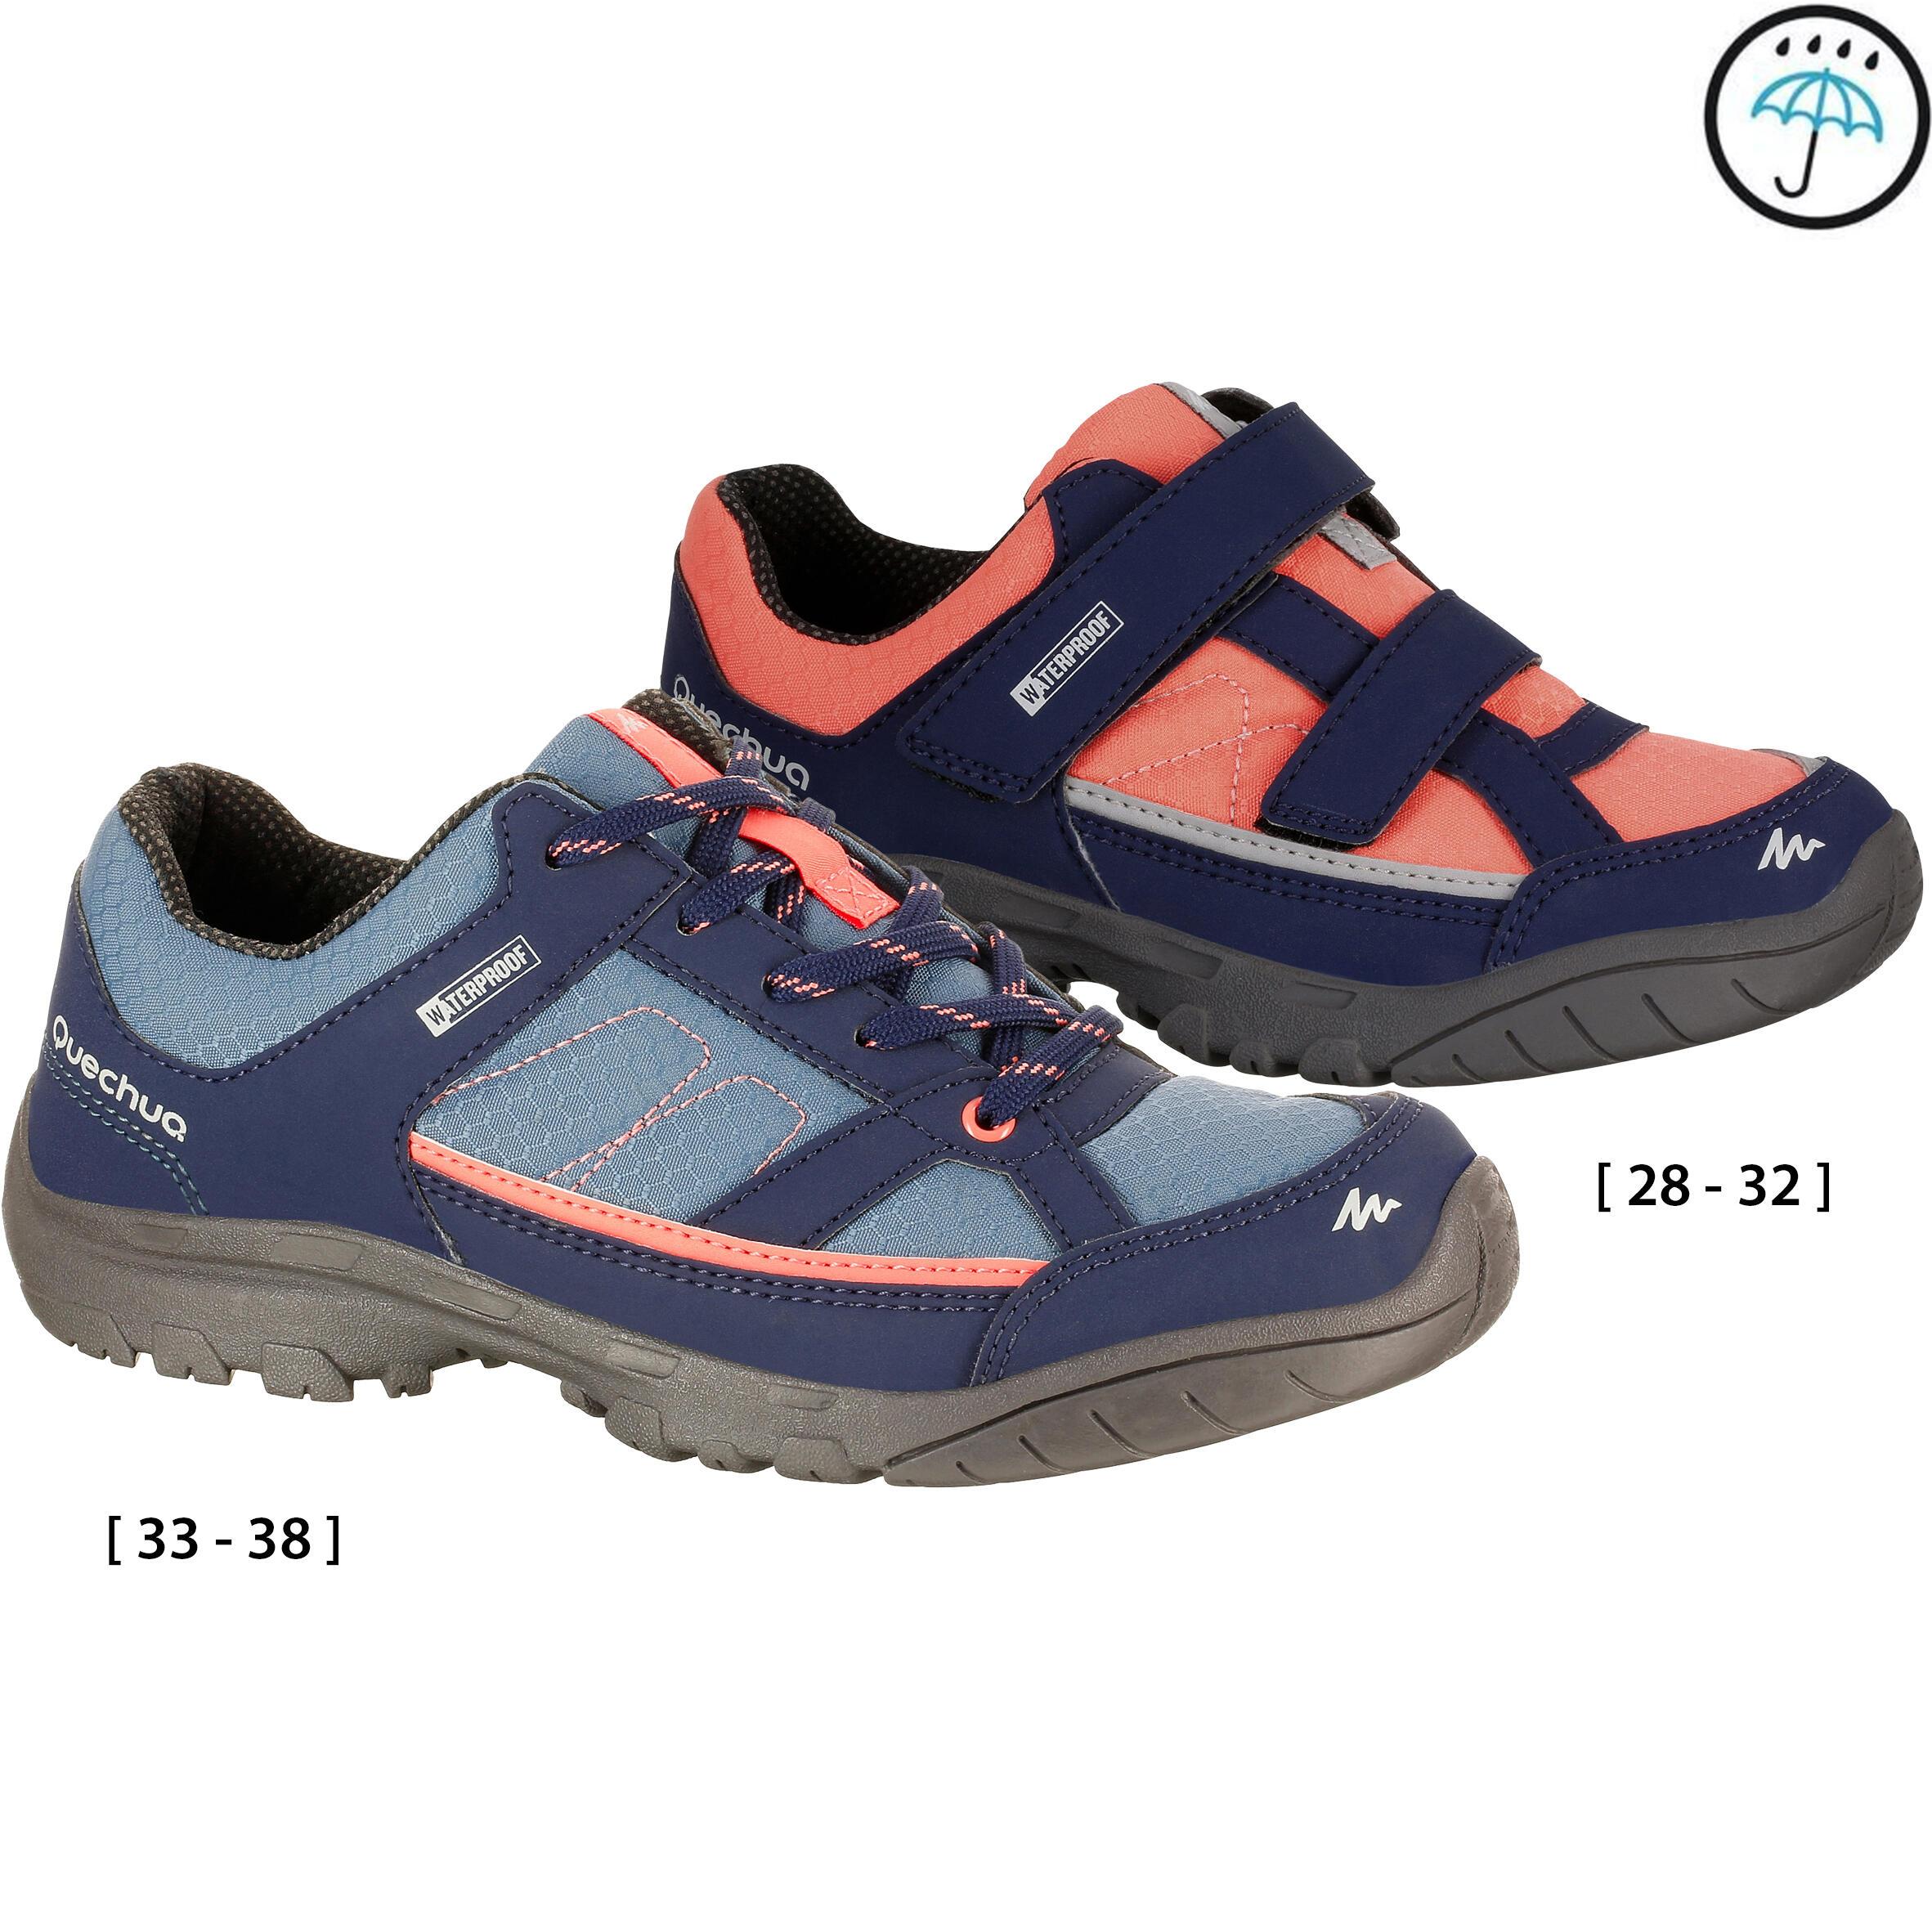 Quechua Waterdichte wandelschoenen voor kinderen NH100 blauw/koraal